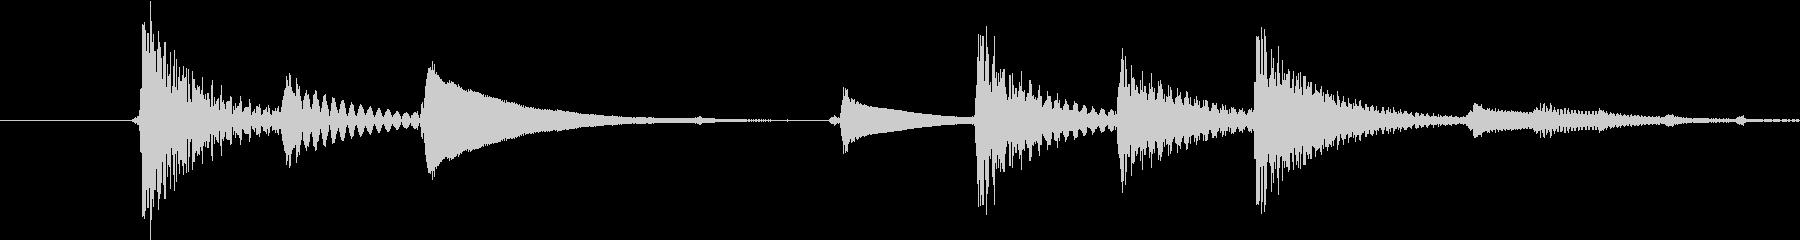 場面切り替えに使えそうなジングルの未再生の波形